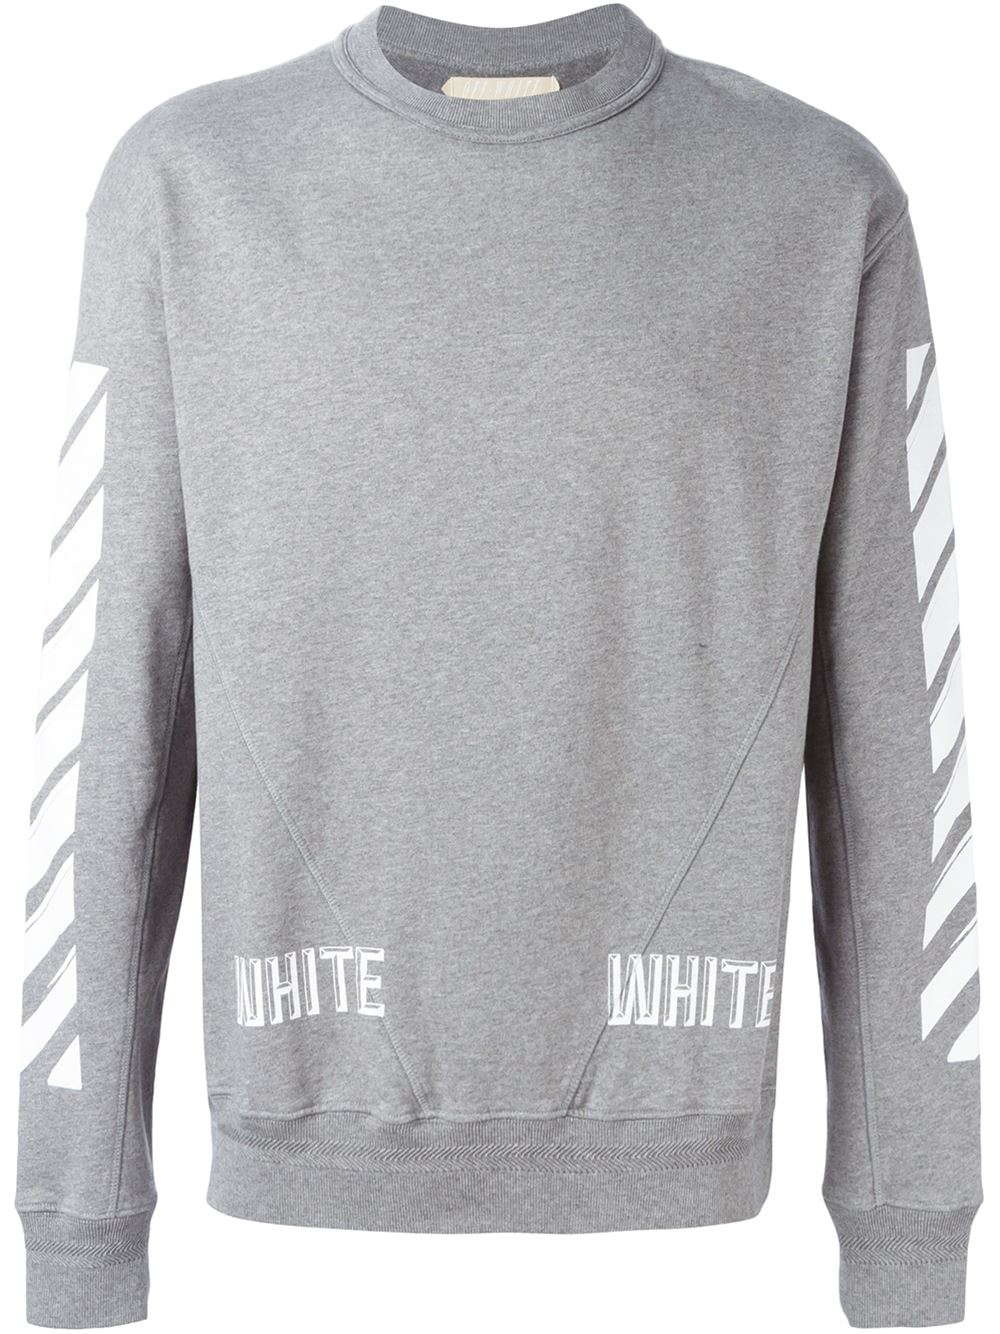 W2C] Better quality rep of this shirt : FashionReps